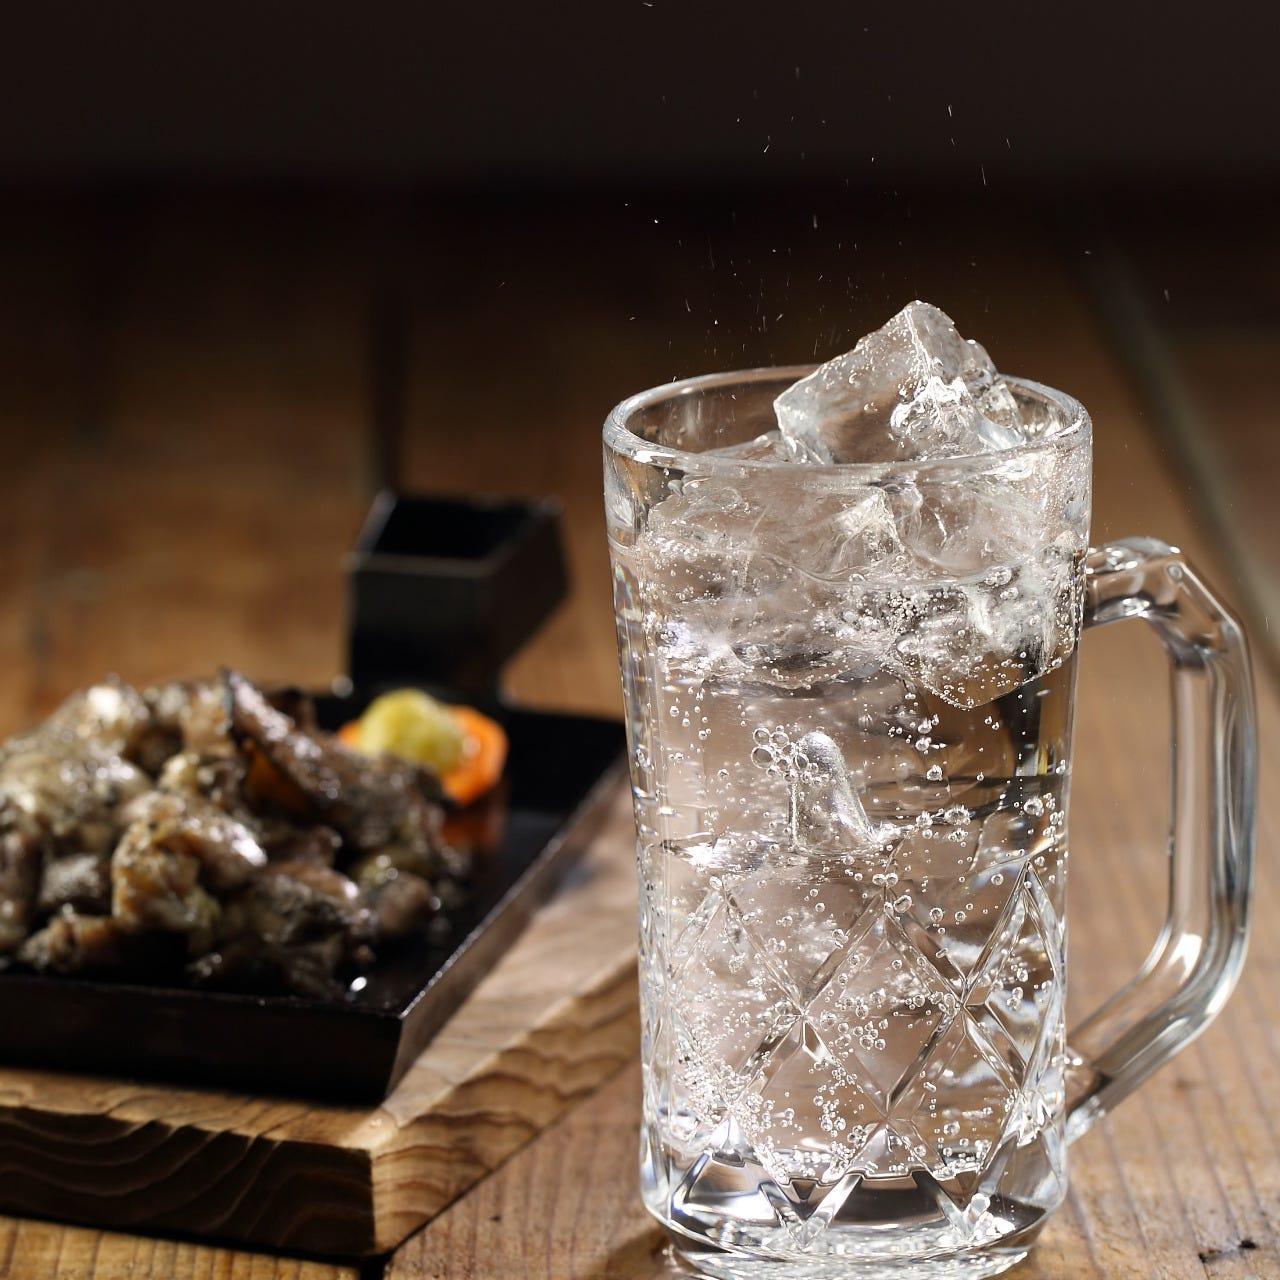 焼酎の炭酸割りはとっても飲みやすく、クセになります。